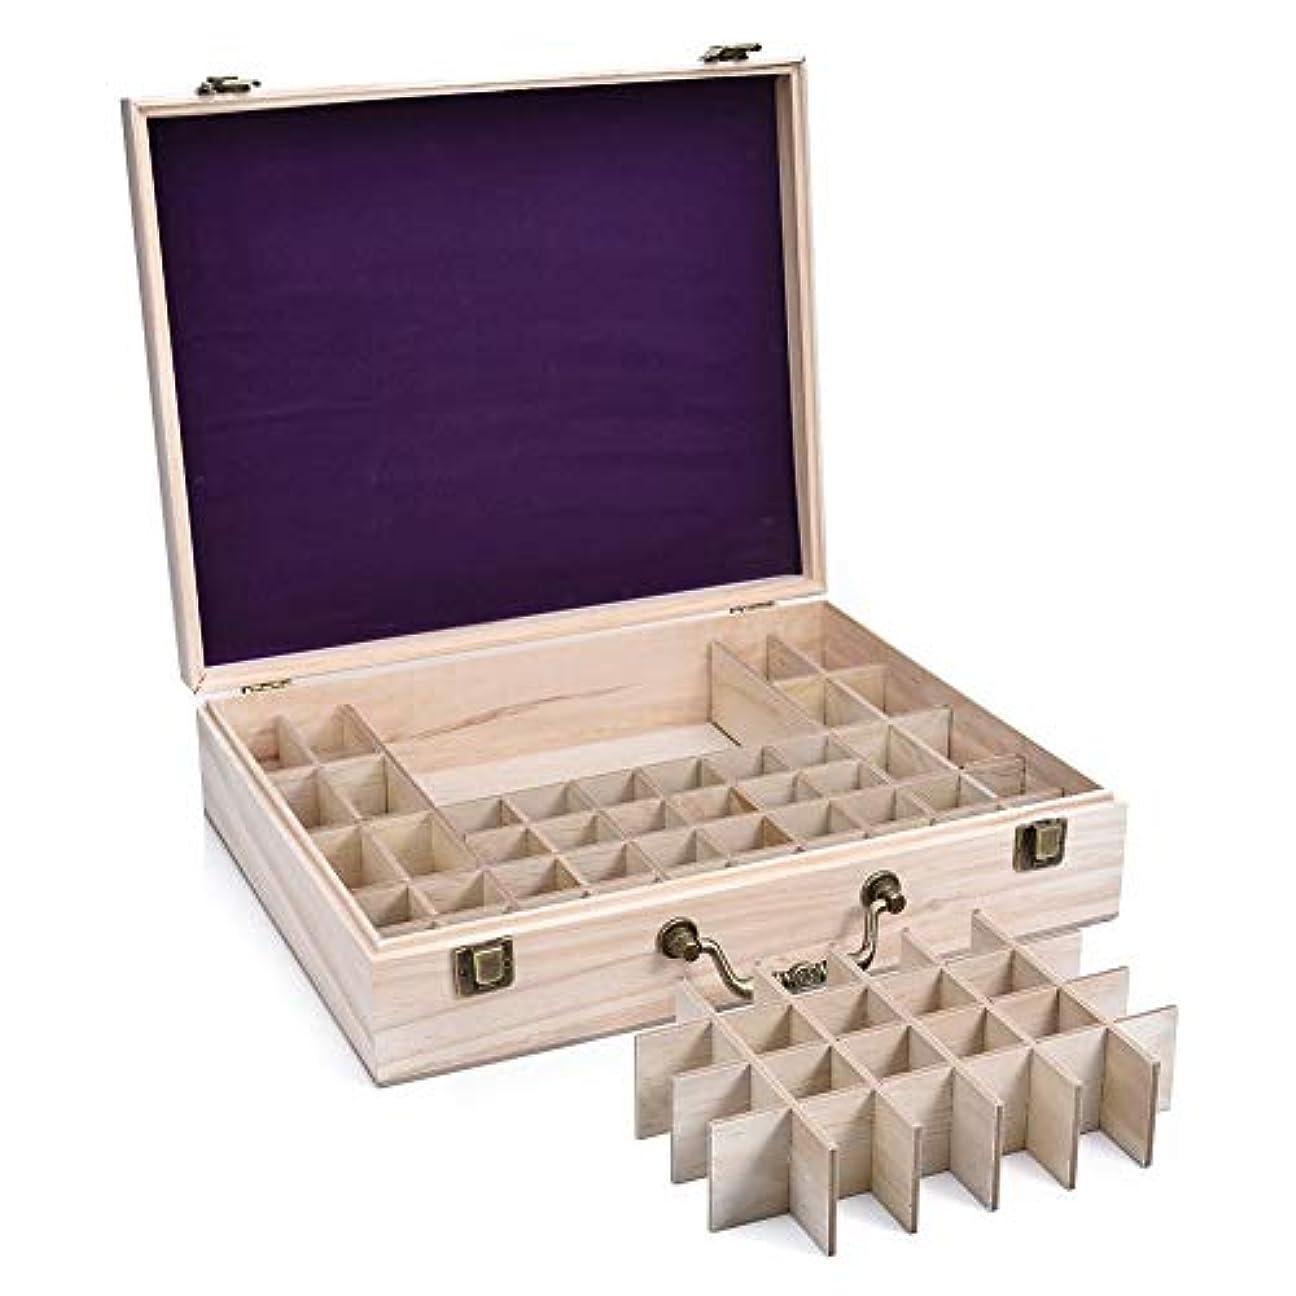 舌基本的なモーテルエッセンシャルオイル収納ケース 精油収納ボックス 大容量 68本収納可能 取り外し可能 木製 環境に優しい 5ml?10ml?15ml?115mlの精油ボルトに対応 junexi